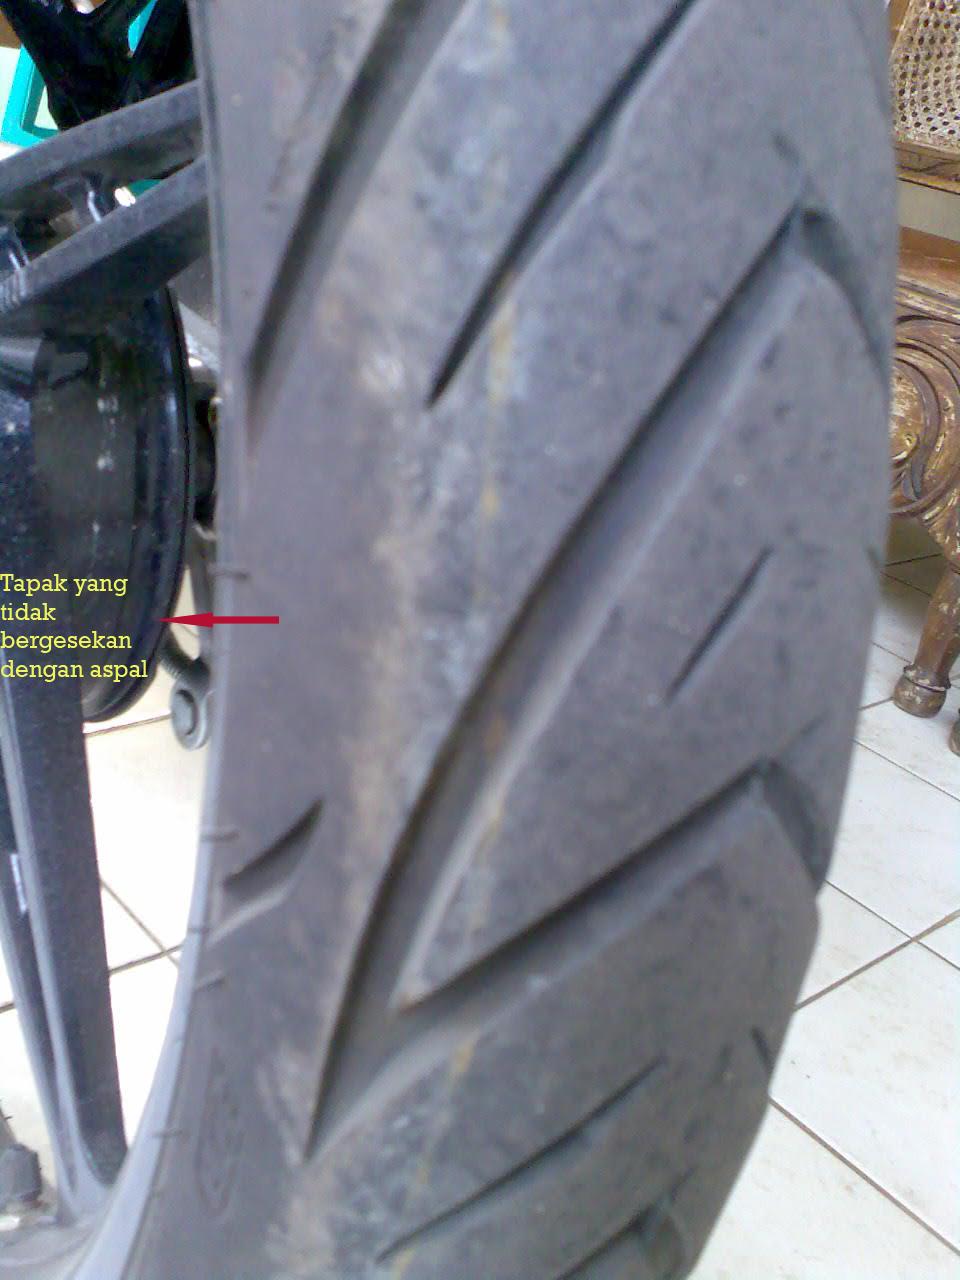 Panduan Ganti Ban Oprek Motor Zeneos Zn 75 70 80 17 Tubeless Kategori Oke